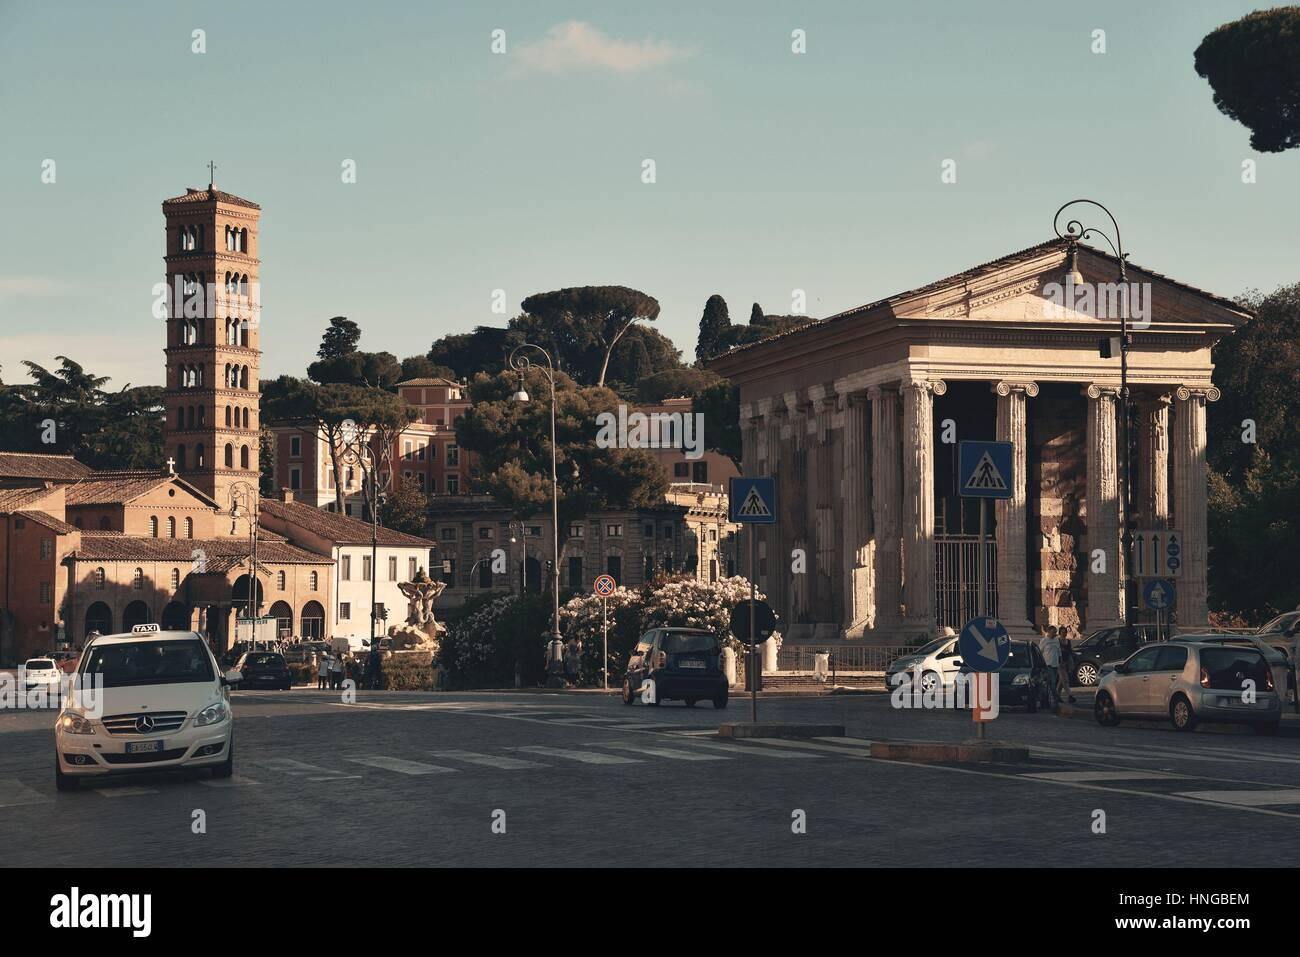 Rom - Mai 12: Eine typische Straßenansicht mit Verkehr und alten Gebäuden am 12. Mai 2016 in Rom, Italien. Stockbild